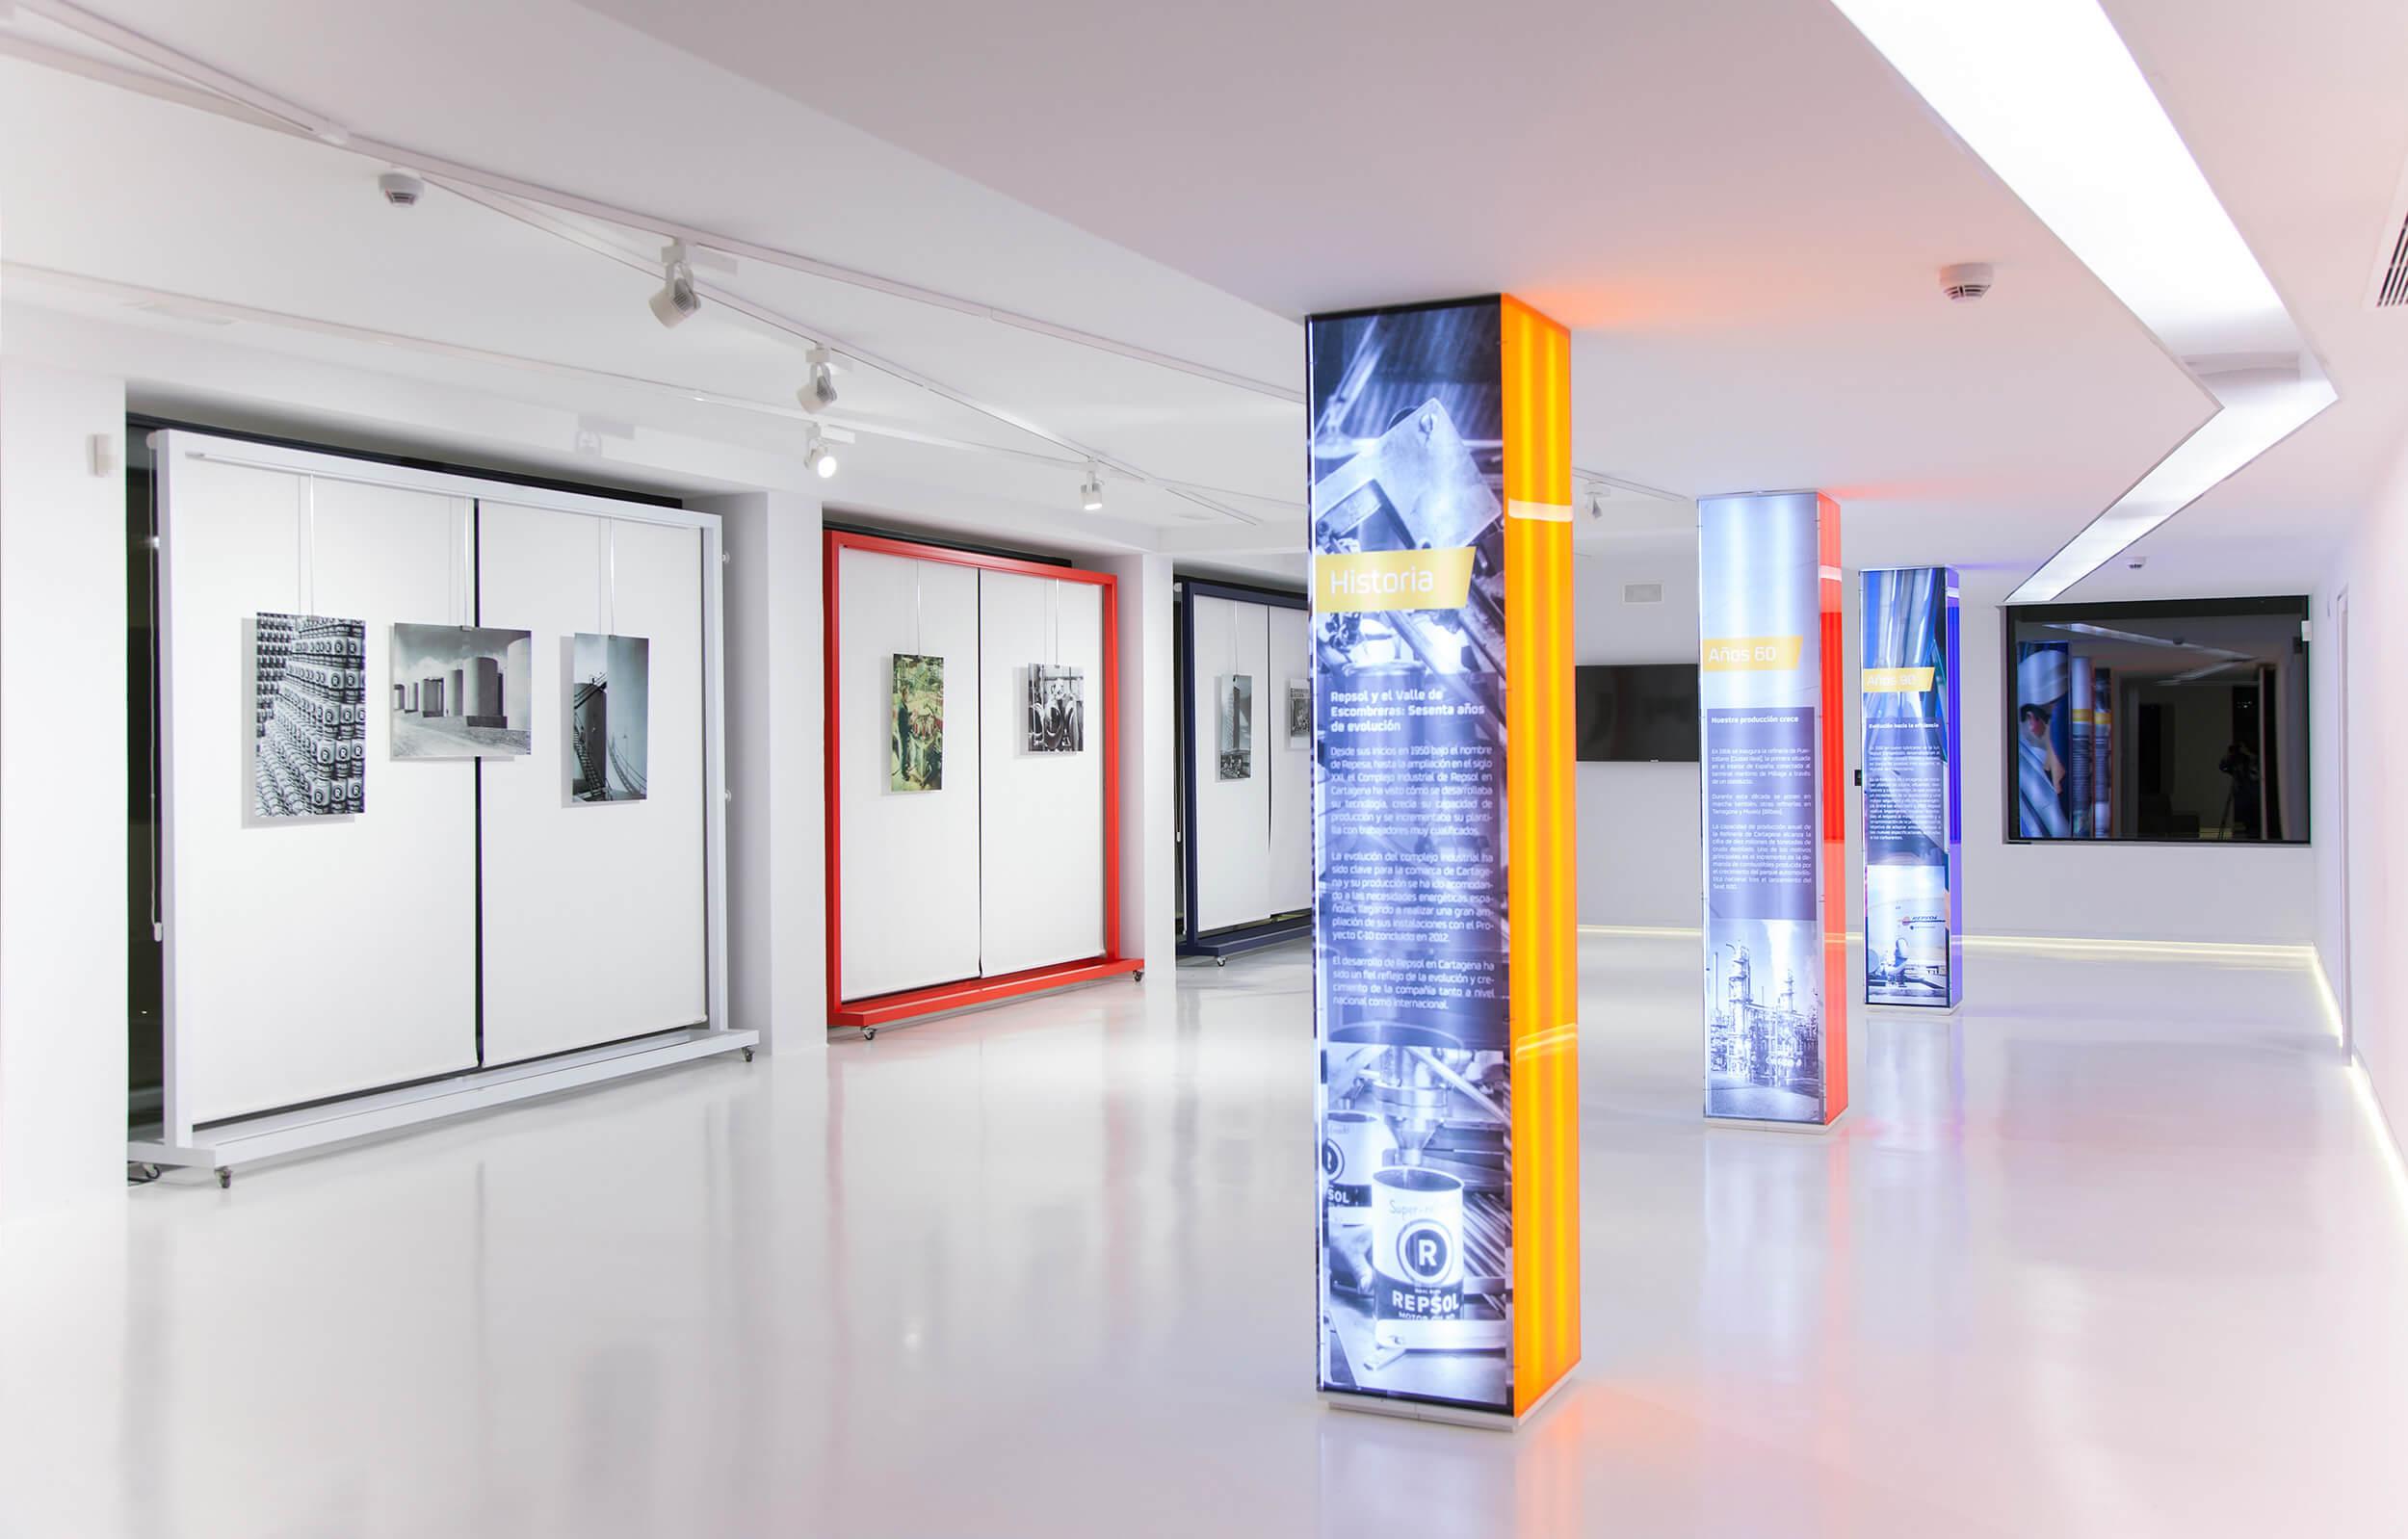 Sala de la historia de Repsol en el Centro de Visitantes de Repsol en Cartagena